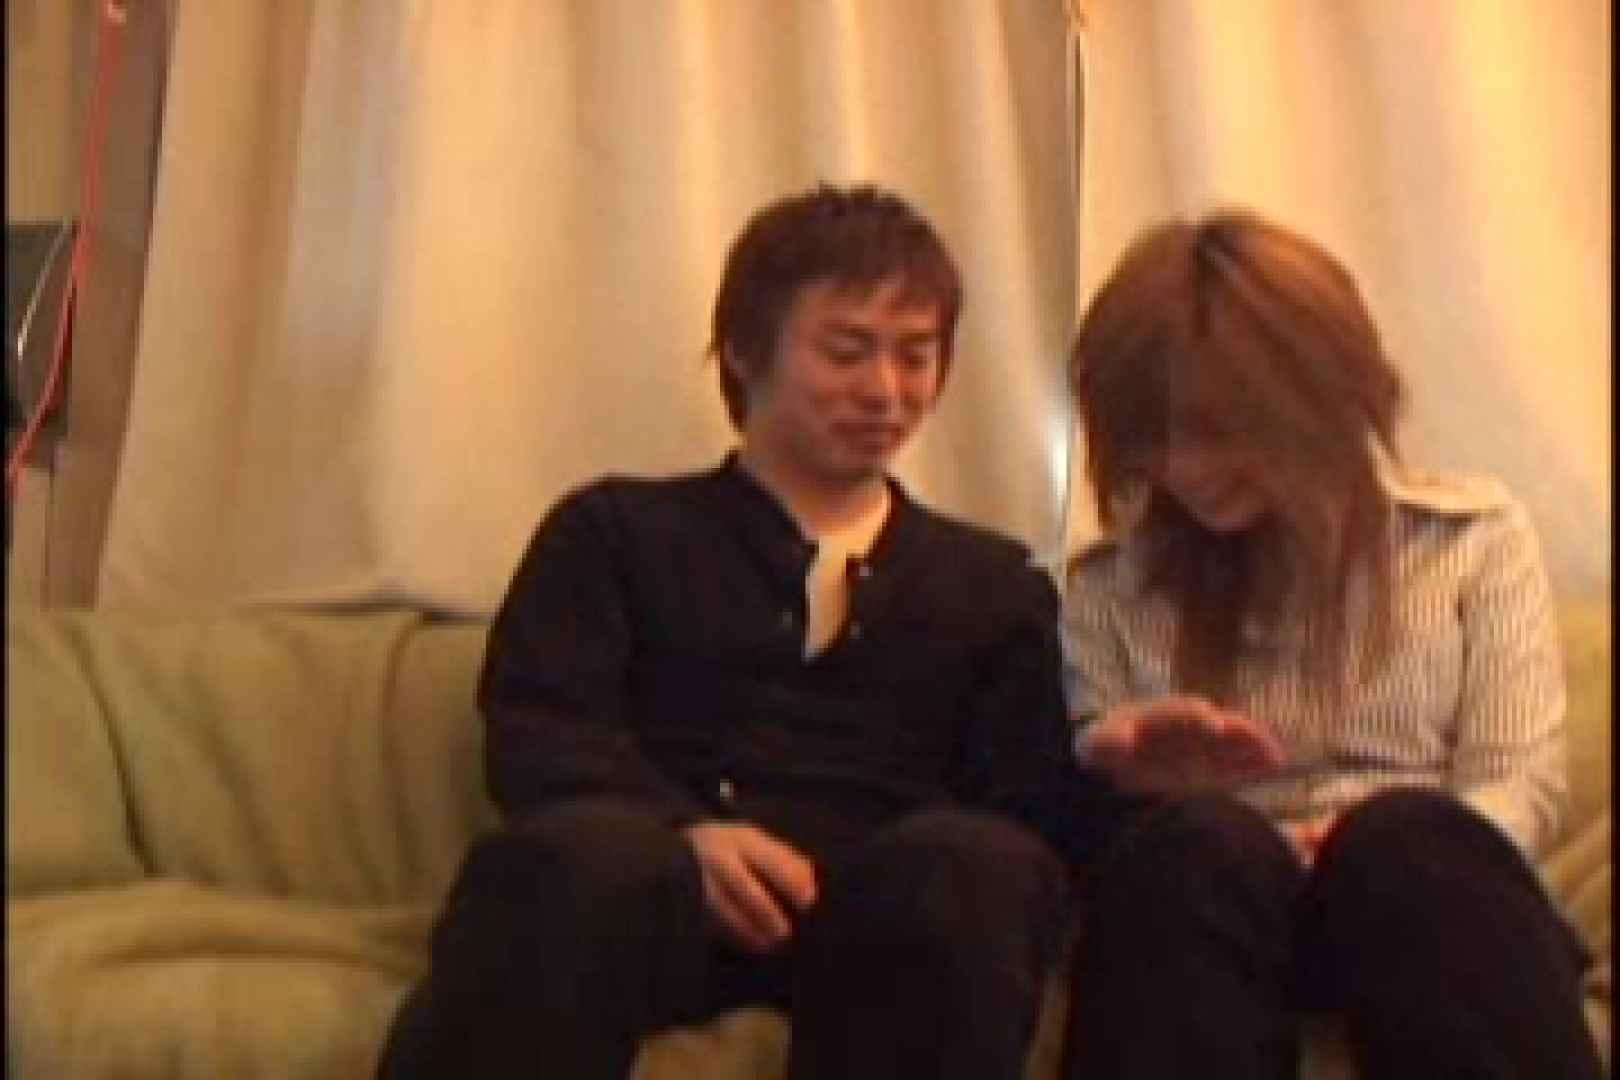 BEST OF イケメン!!男目線のガチSEX vol.03(対女性作品) バックシーン ゲイ無料エロ画像 55pic 17